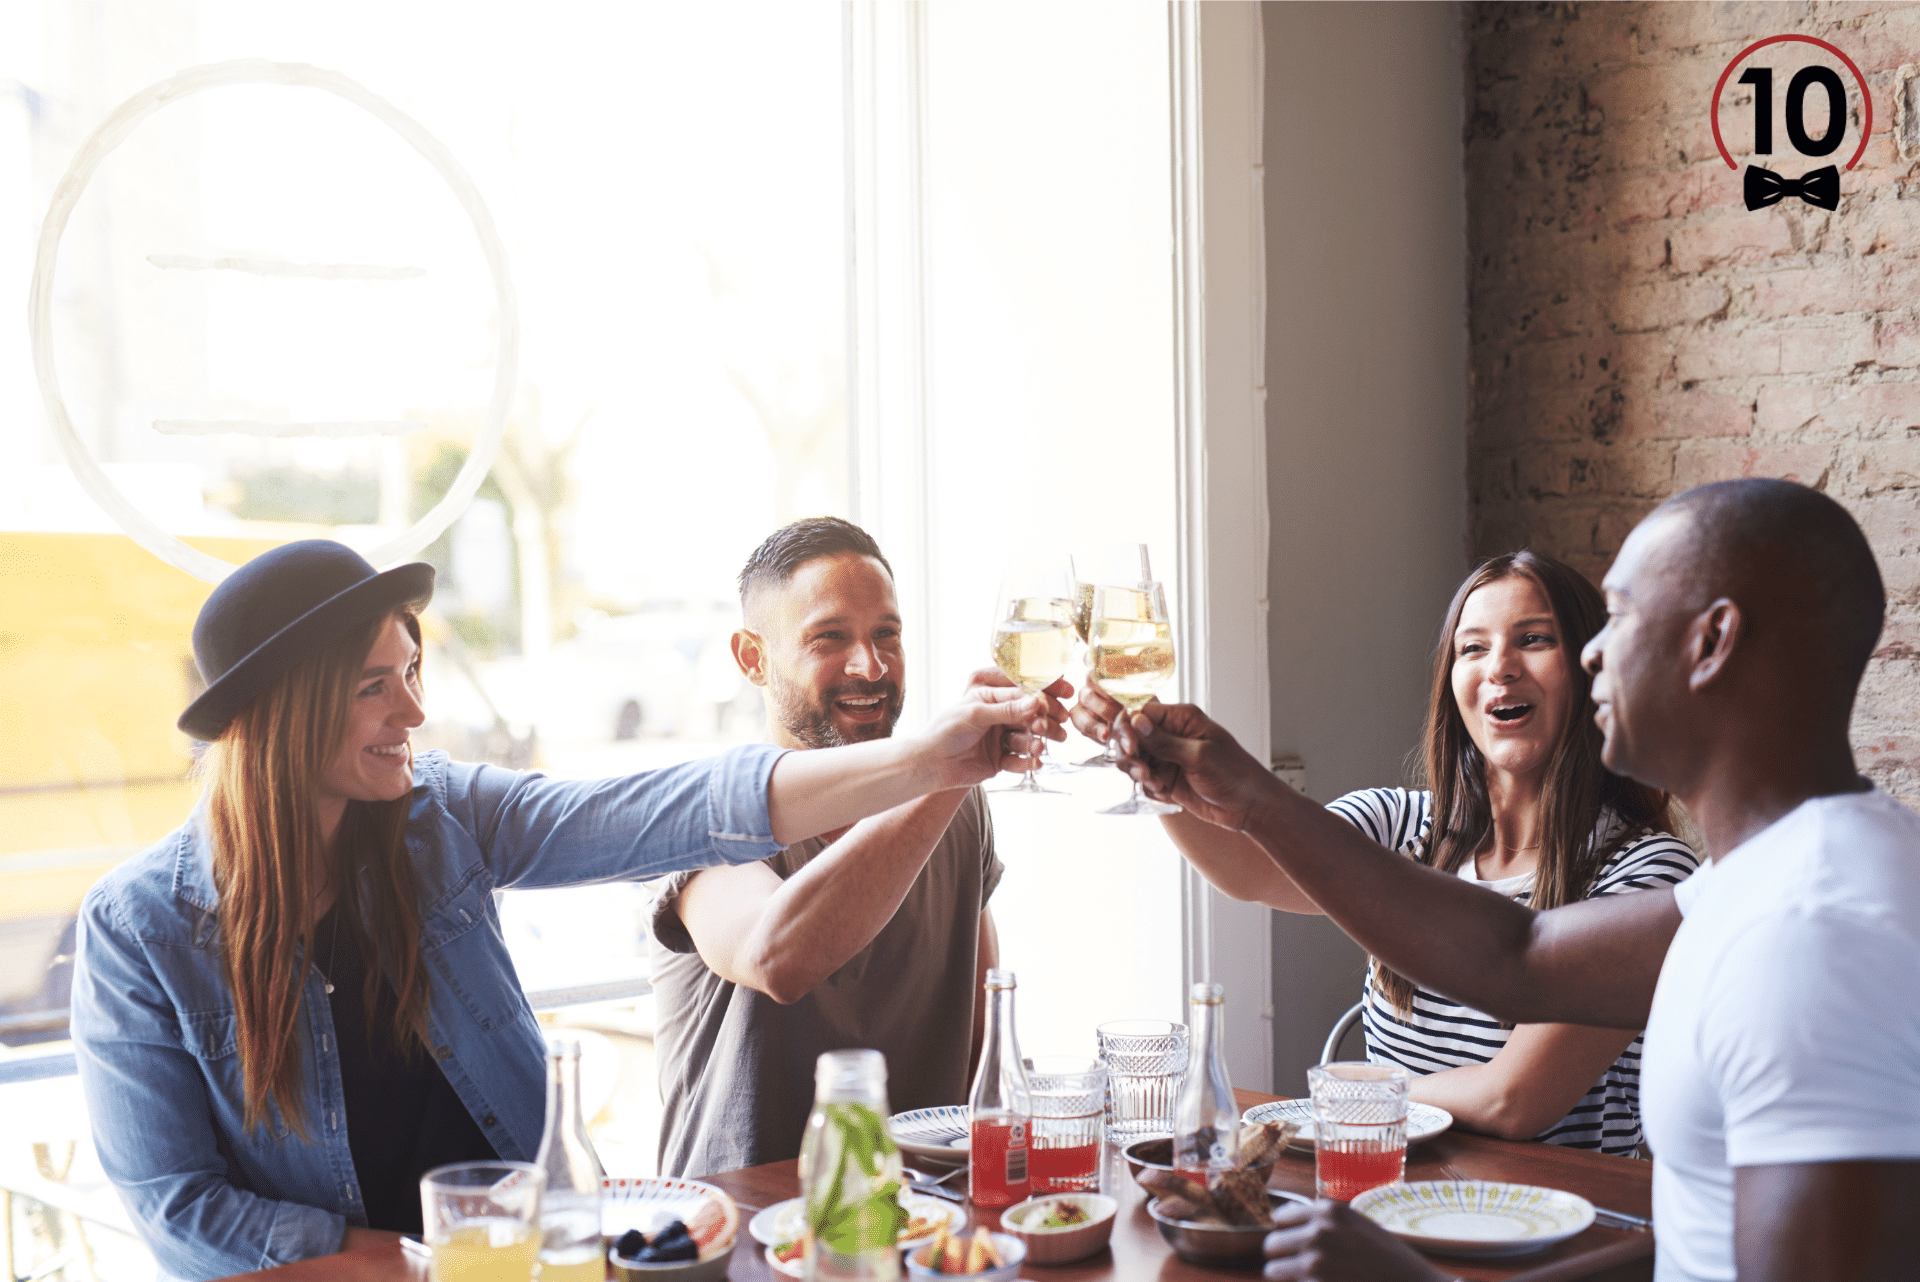 Grupo-de-amigos-comiendo-en-restaurante